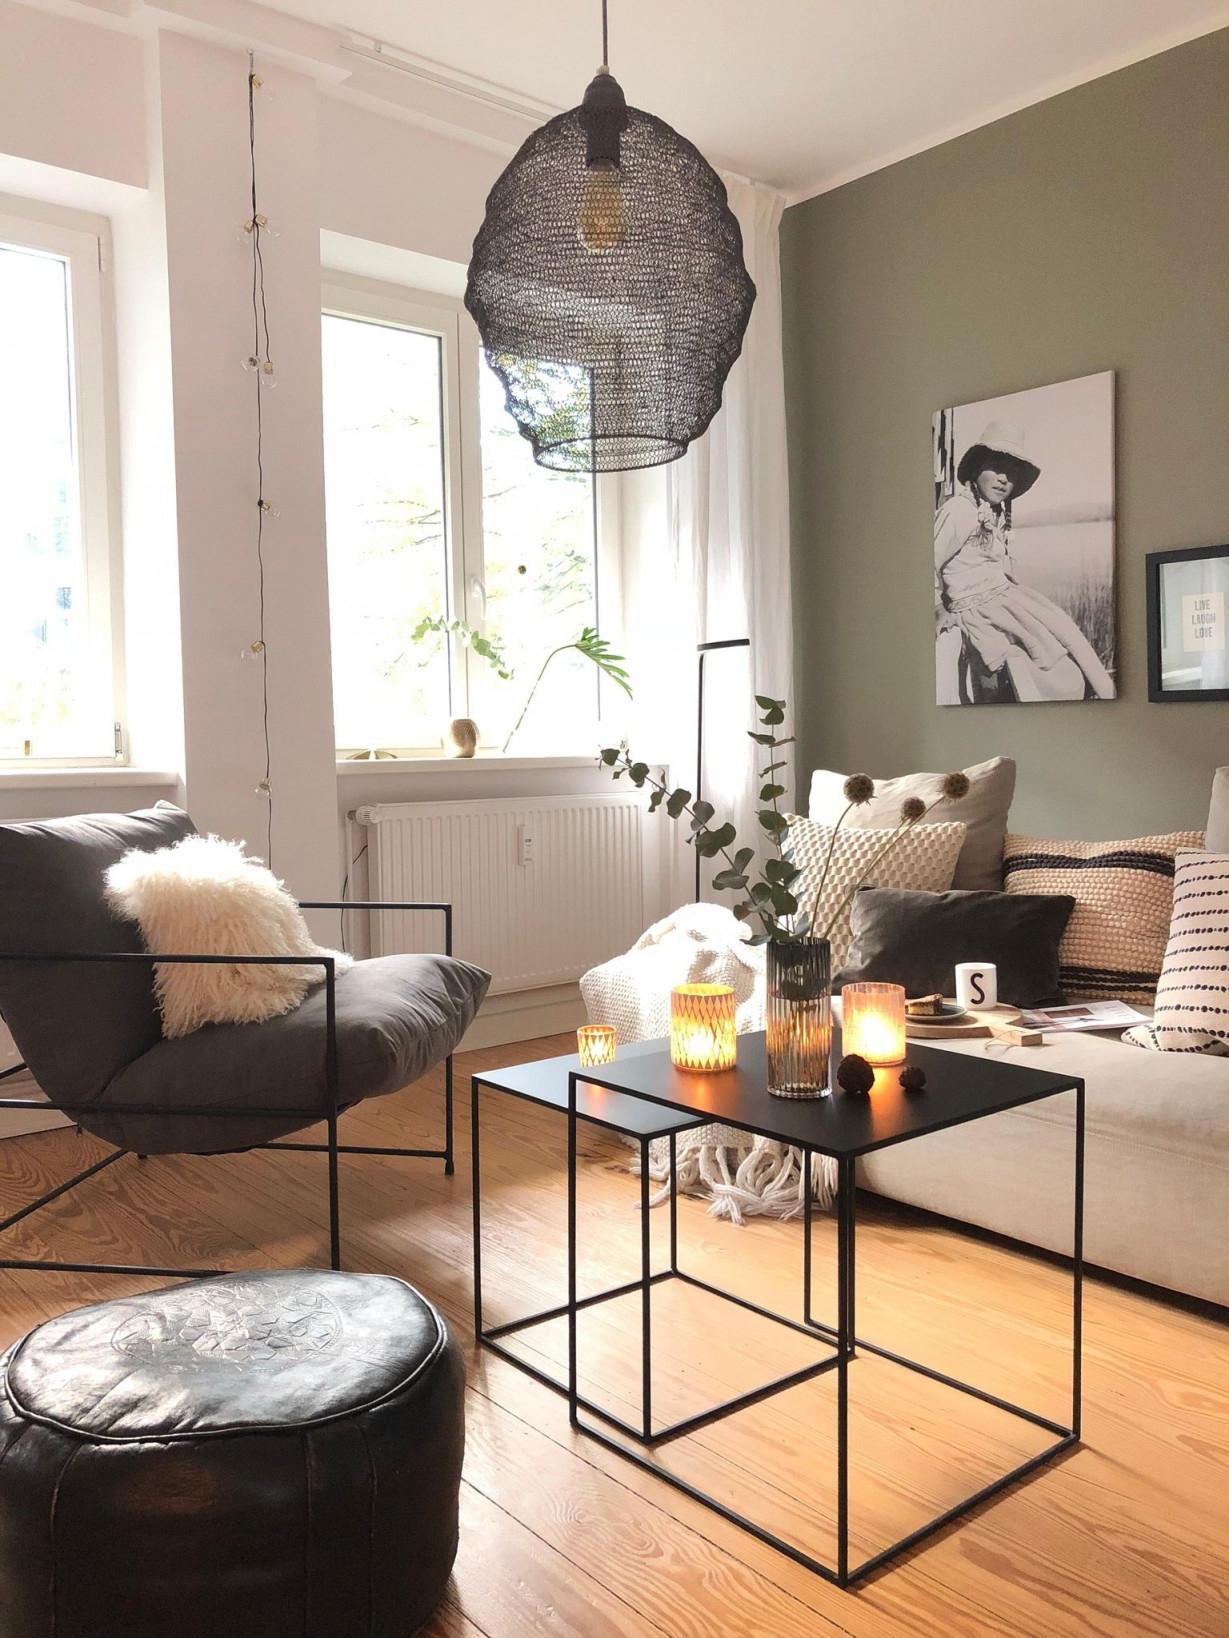 Das Super Stylishe Wohnzimmer Von Happyhomesu Wird Perfekt von Stylische Bilder Wohnzimmer Photo